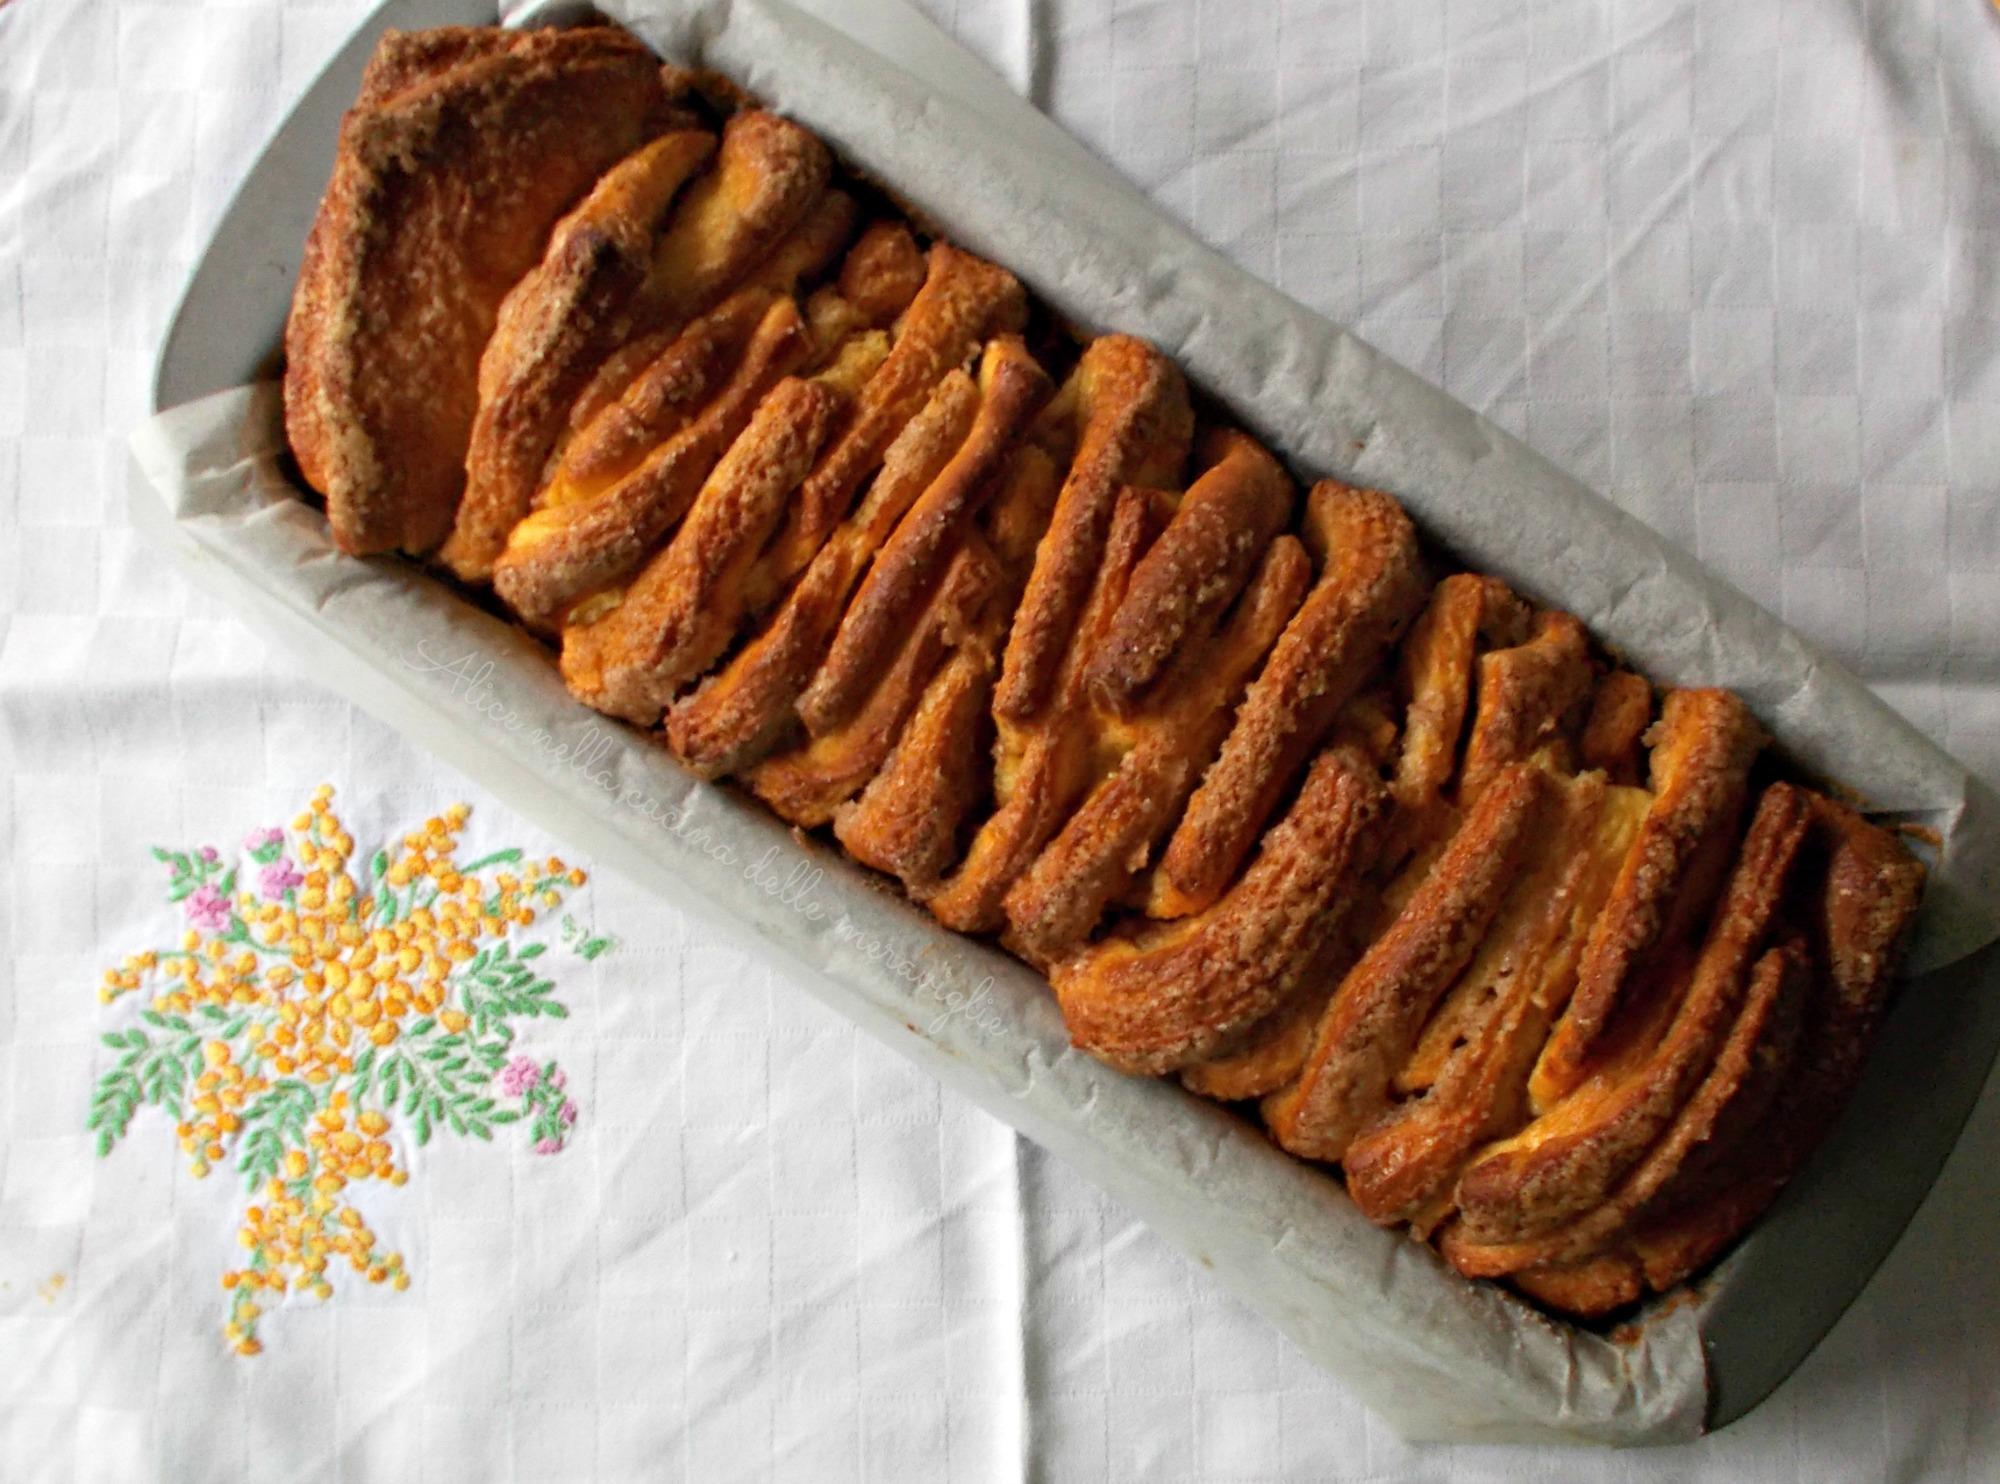 Cinnamon Sugar Pull-Apart Bread   Alice nella cucina delle meraviglie